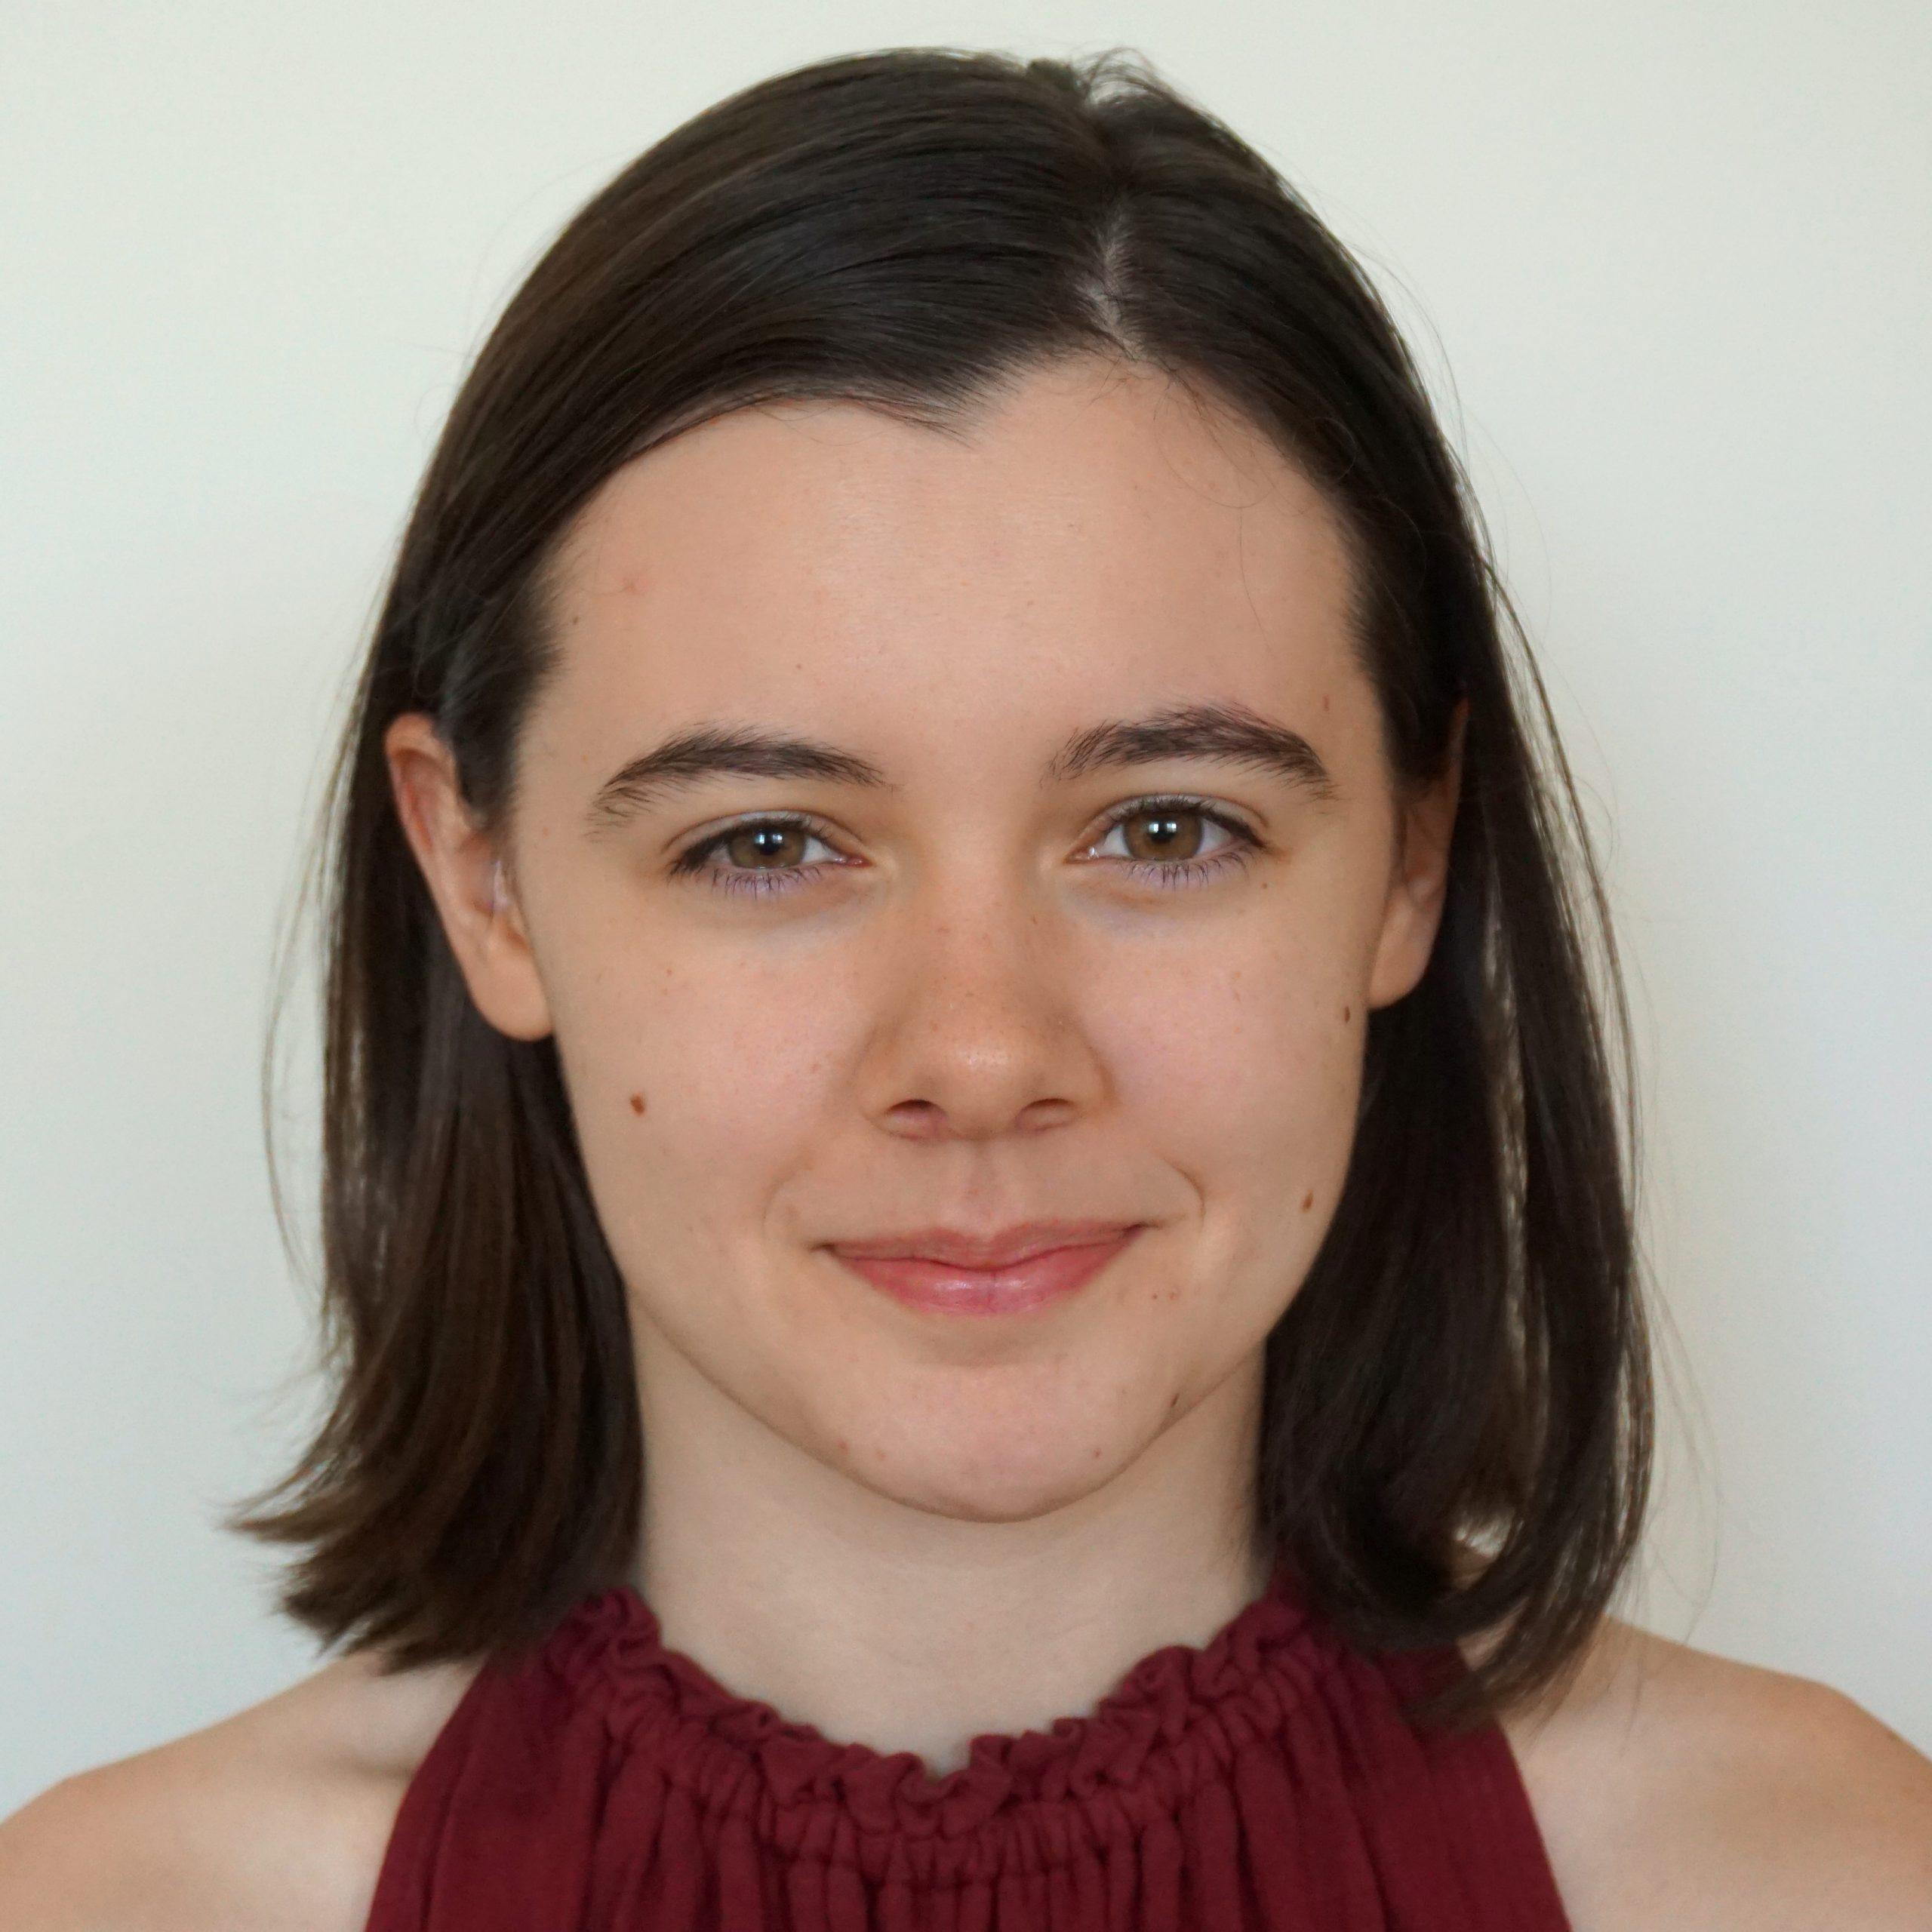 Gillian Nolan